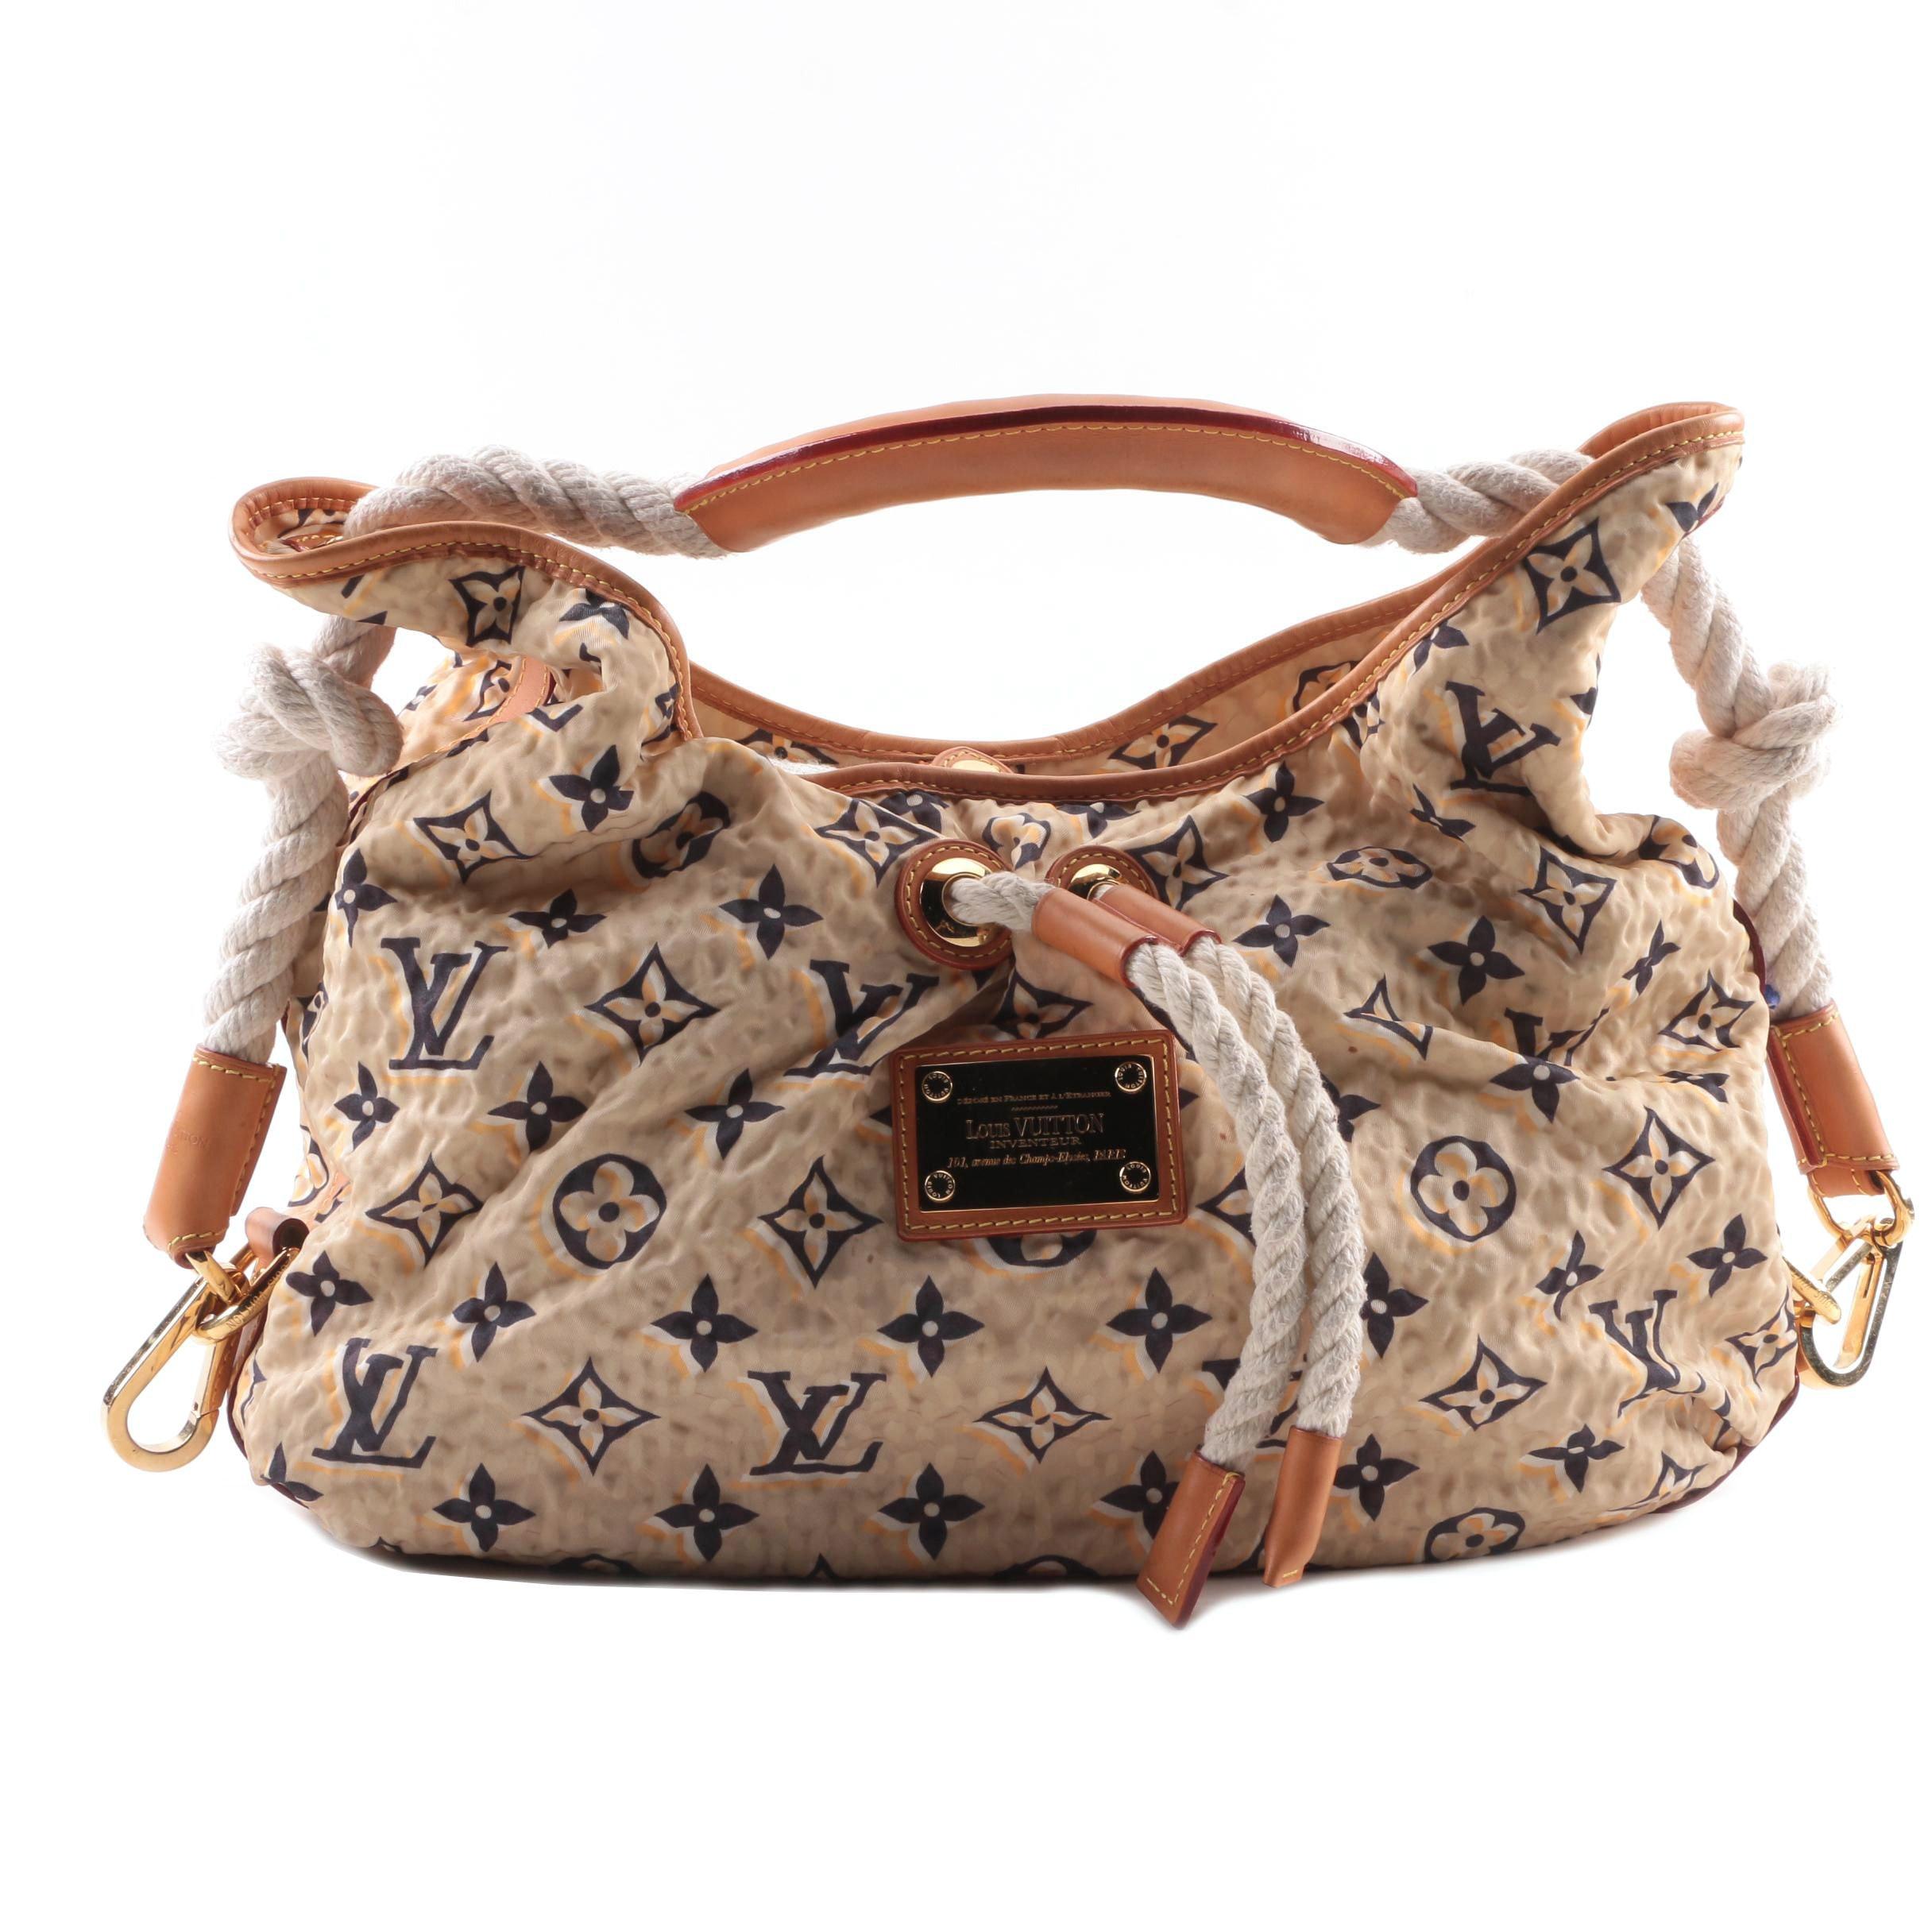 Louis Vuitton of Paris Limited Edition Tan Nylon Monogram Bulles MM Bag